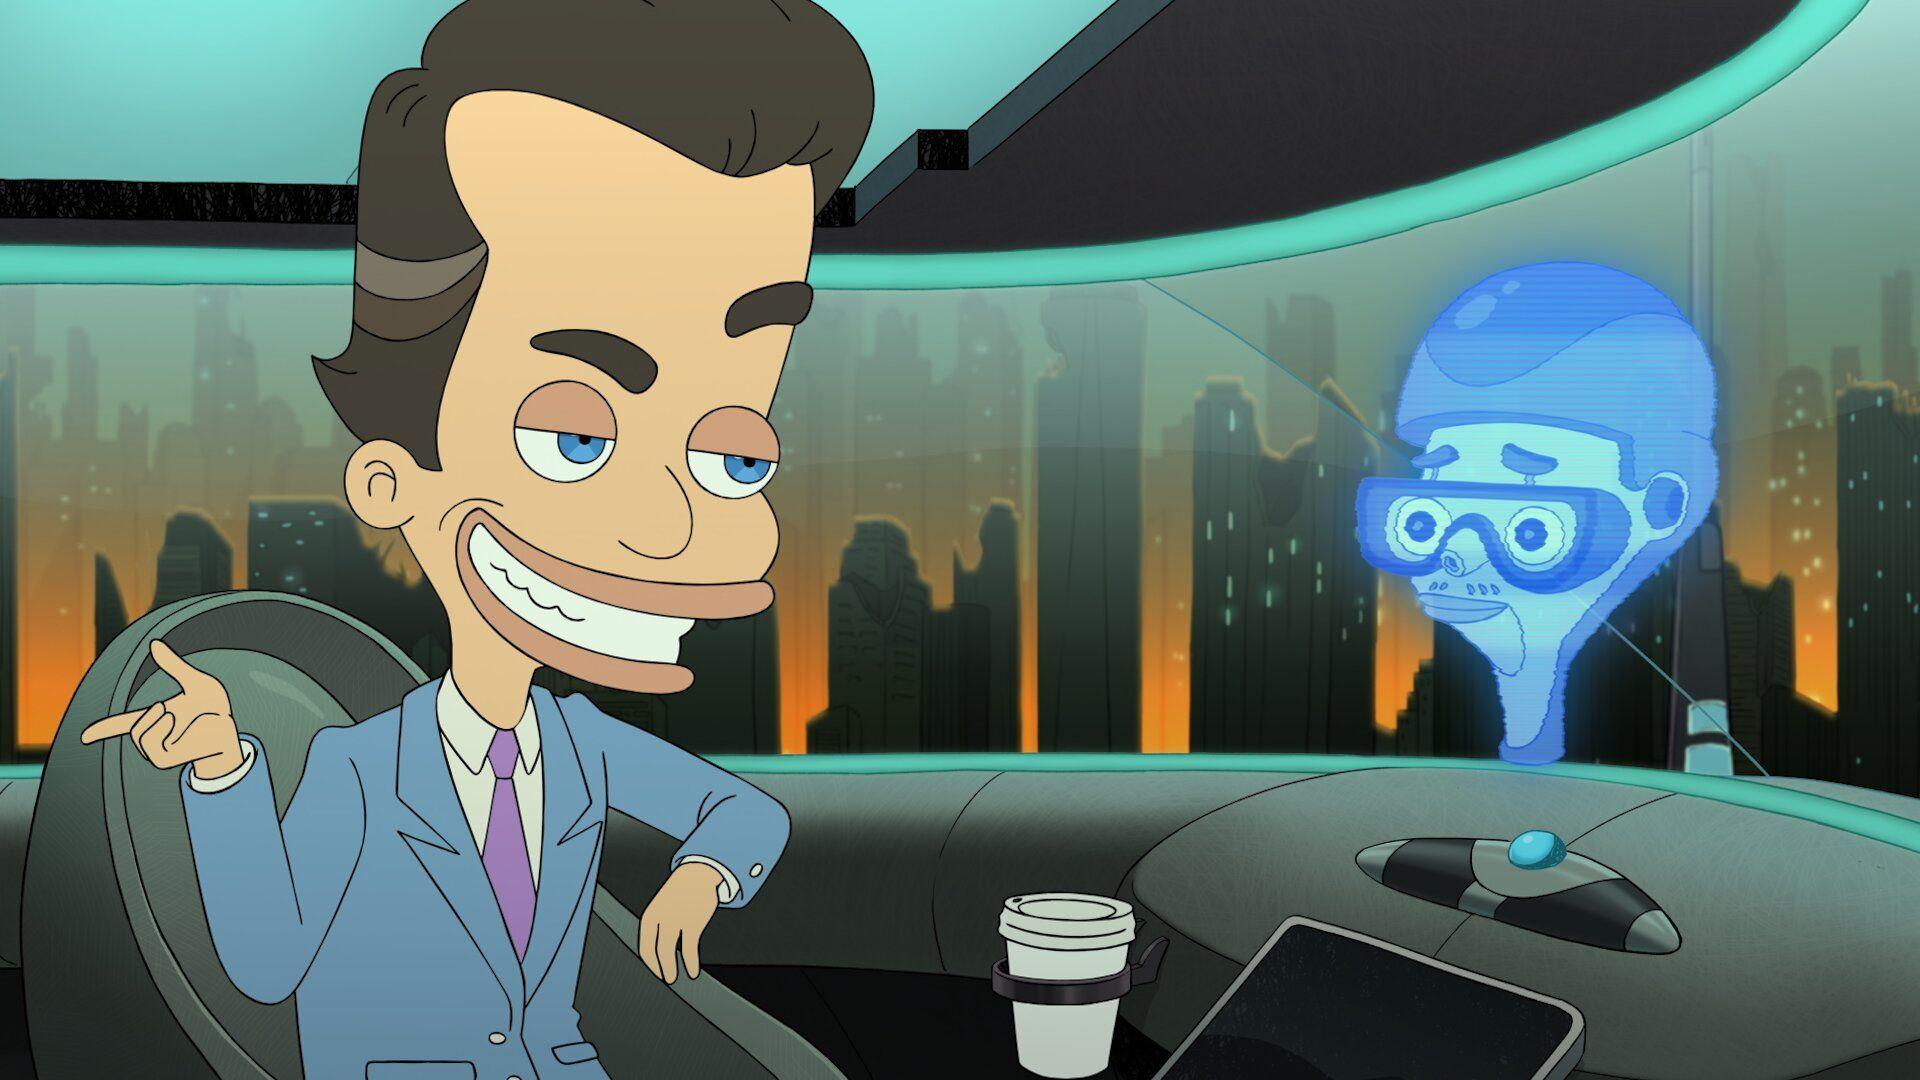 Cena da sitcom animada Big Mouth em sua quarta temporada. Em primeiro plano, à esquerda, está o personagem Nick Star, ele é mostrado com a cabeça projetada ¾ para a parte frontal da câmera e sorrindo, o personagem tem traços como tamanho da cabeça, testa e boca extremamente distorcidos e exagerados. Ele é um homem branco, magro, de olhos azuis e cabelo castanho curto usando um terno azul claro com uma gravata roxa e camisa branca. À direita está uma projeção holográfica da cabeça do criado robô de Nick. O personagem também é mostrado com a cabeça projetada ¾ para a parte frontal da câmera e com uma expressão neutra. Ele também tem seu rosto desenhado de forma bastante distorcida, típica de um cartoon. O personagem está completamente azulado e aparece usando um capacete e óculos. O cenário principal é o interior de uma nave, com um porta copos centralizado embaixo tocando na margem da cena. O plano de fundo secundário é uma cidade ao alvorecer e com muitos prédios ao fundo.